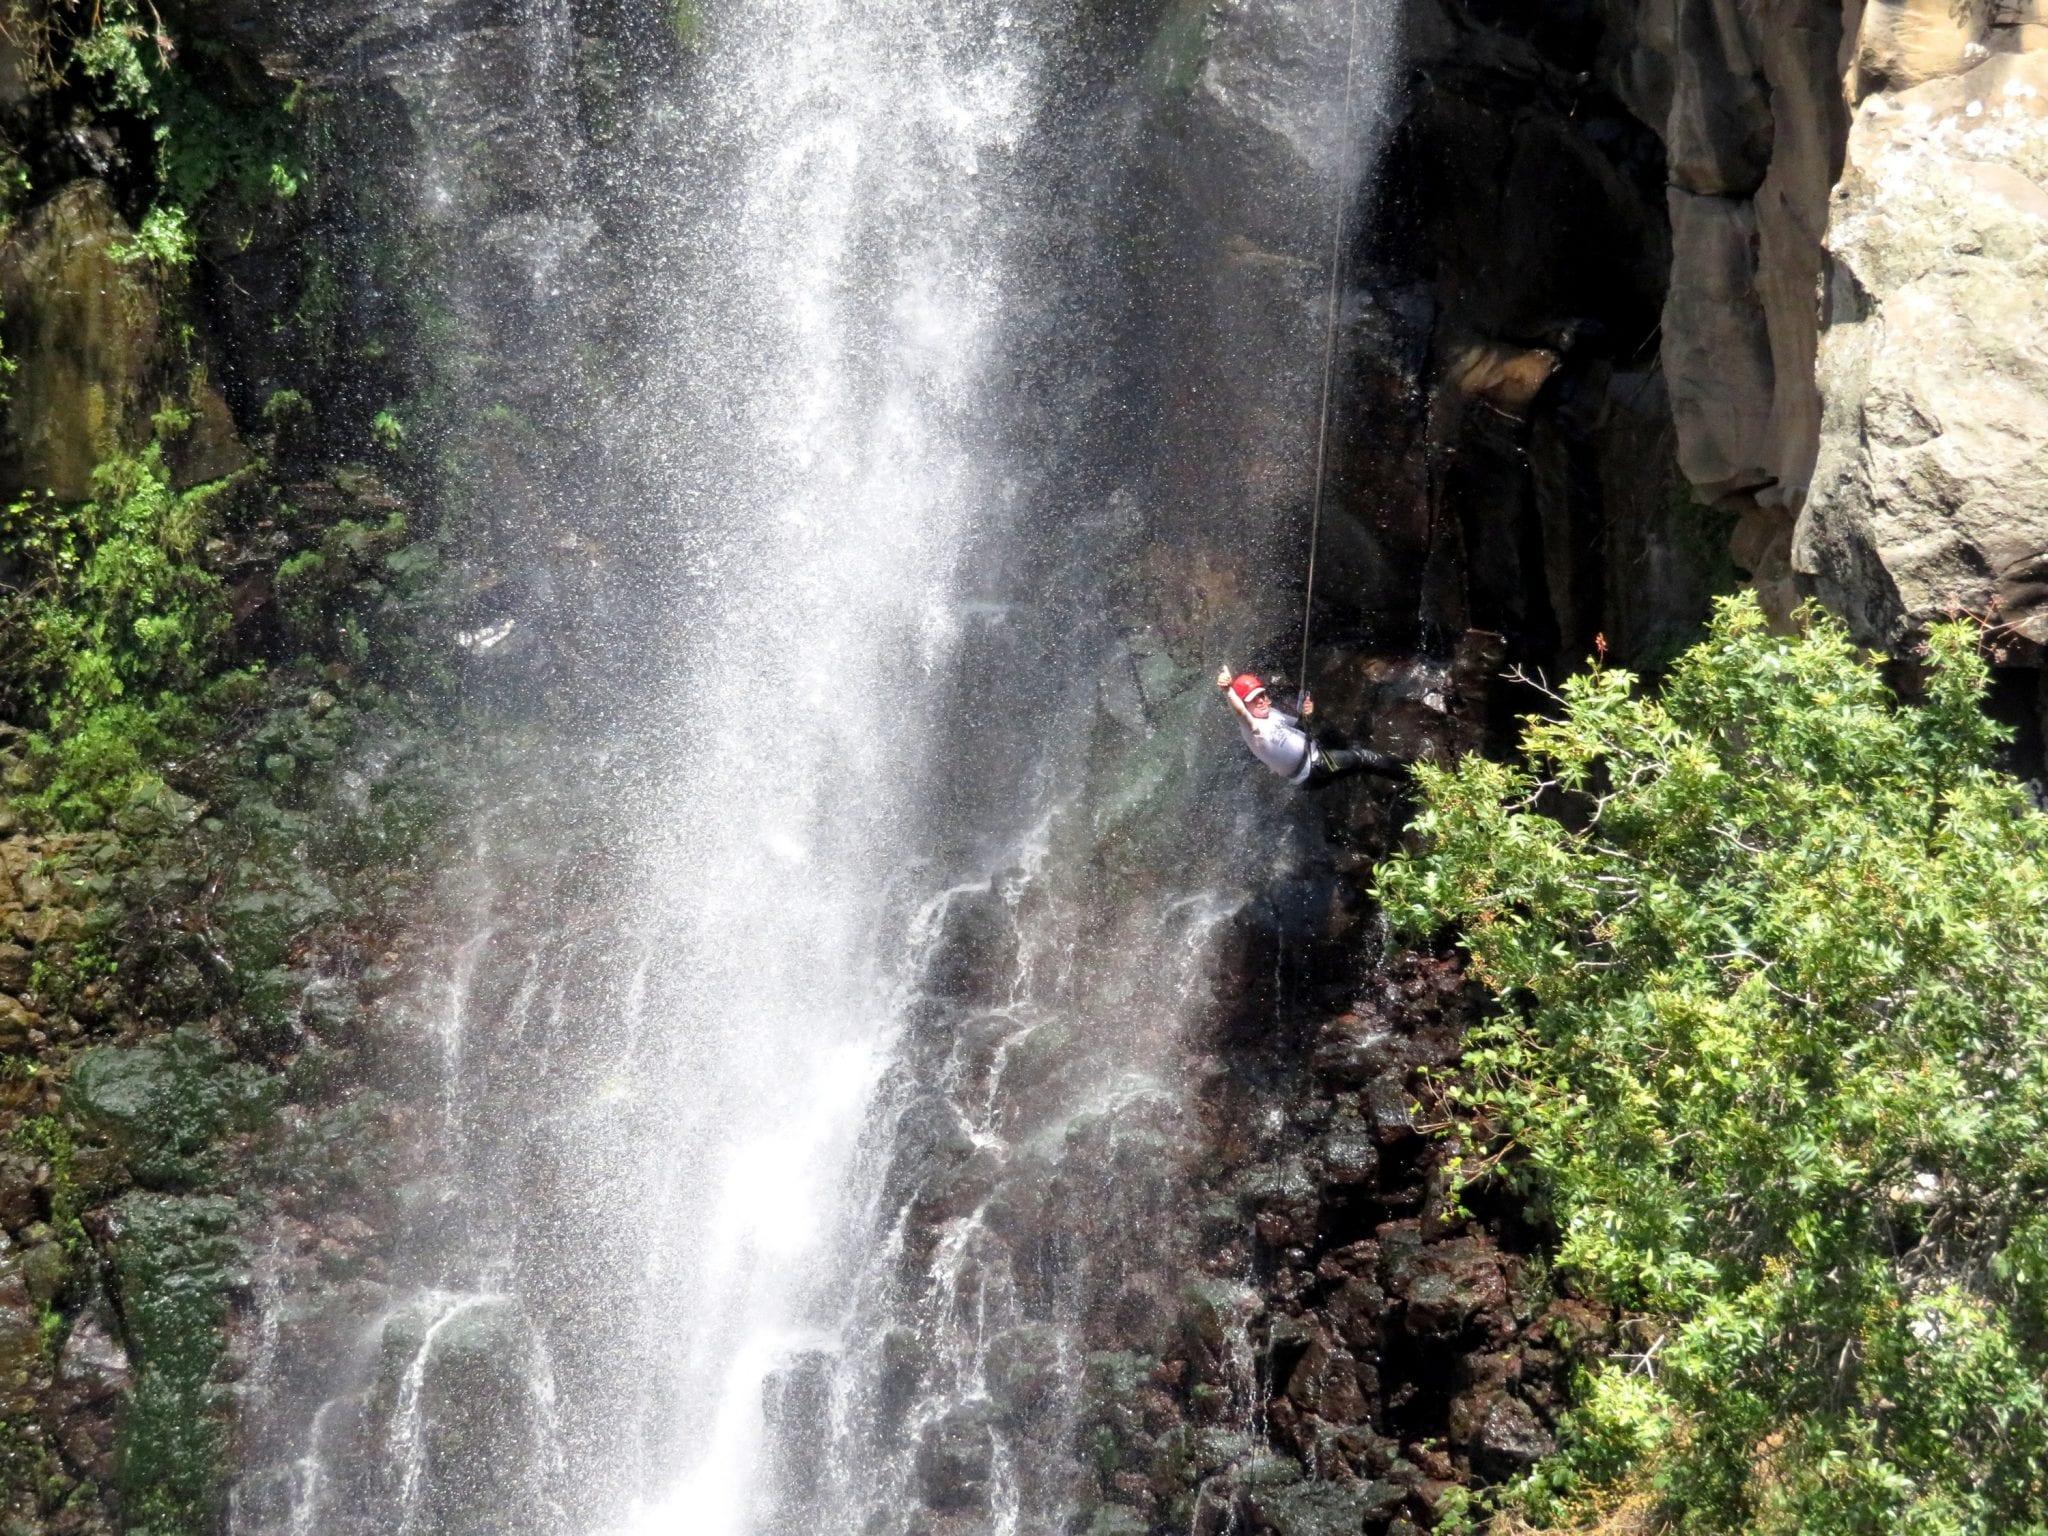 סנפלינג מפלים - ג'ילבון - ערוצים בטבע